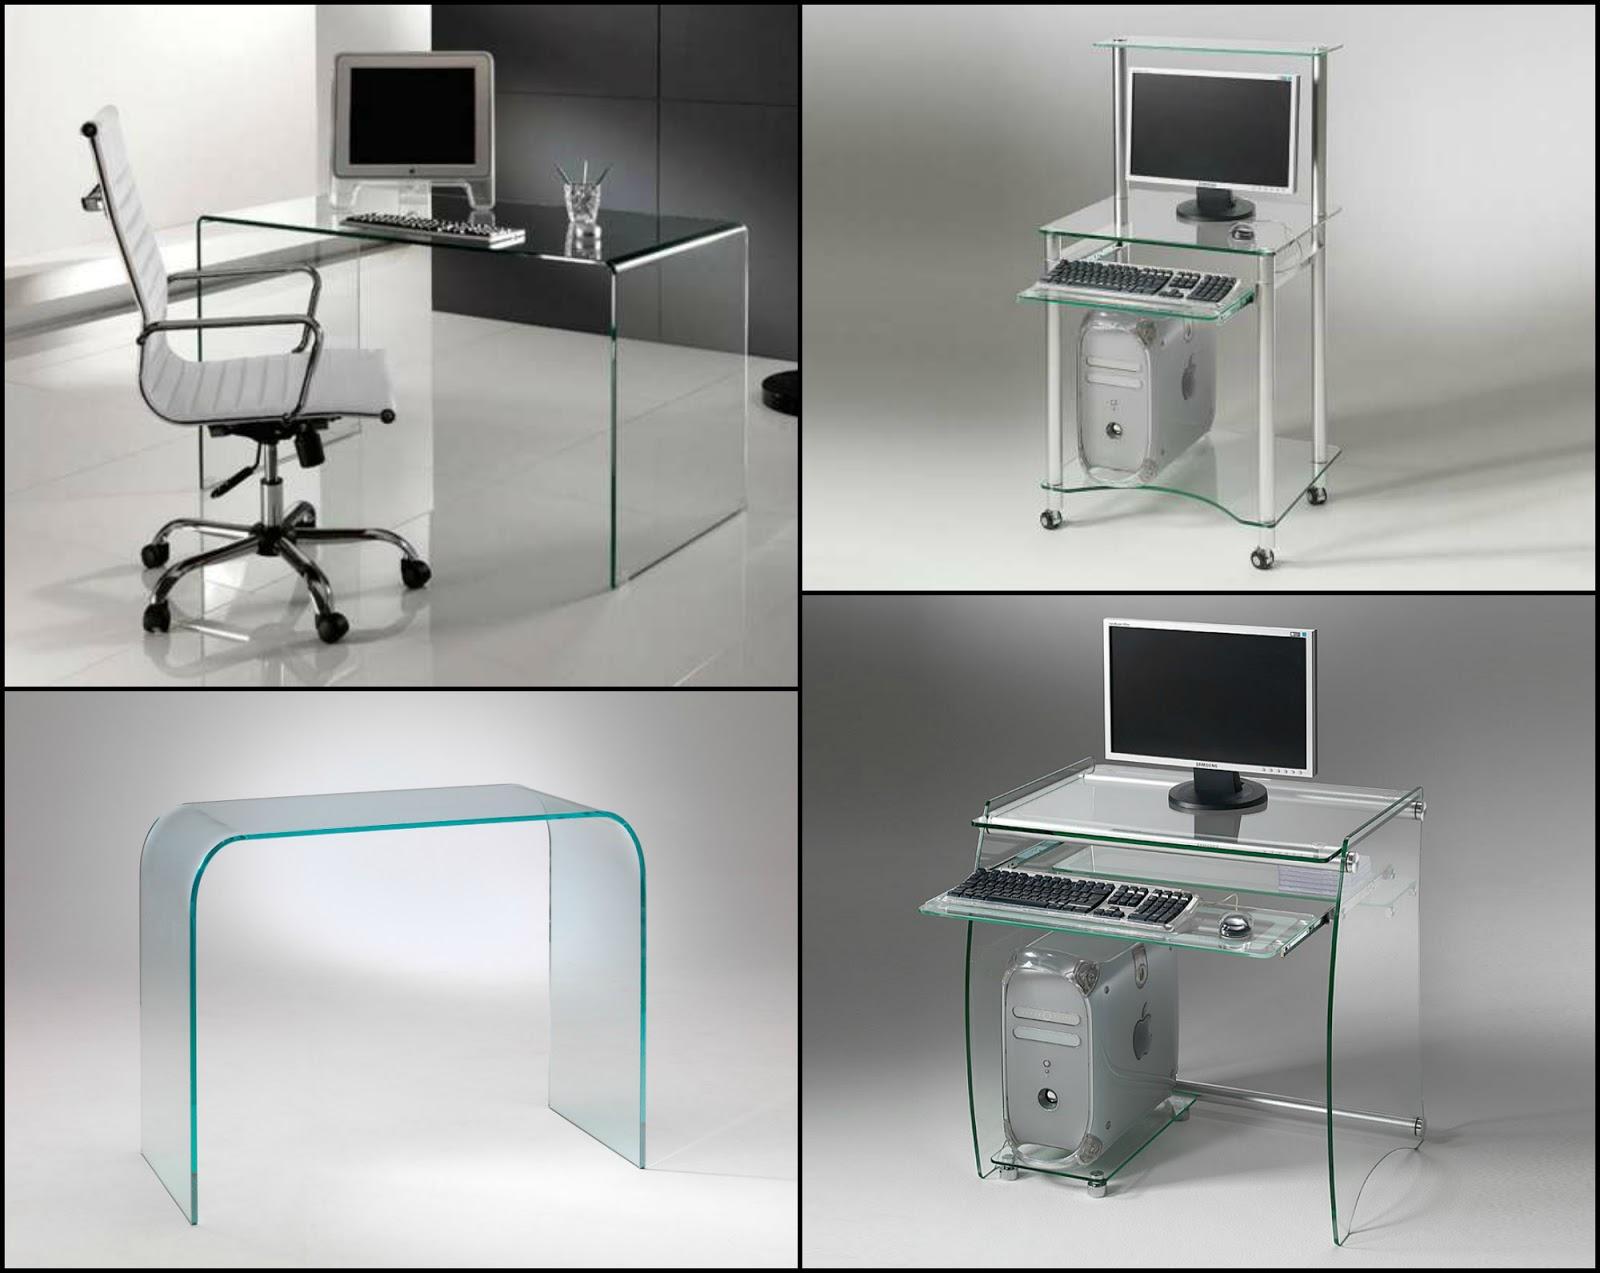 Scrivania Ufficio Bergamo : Scrivanie vetro ufficio foto scrivania in vetro per camere o